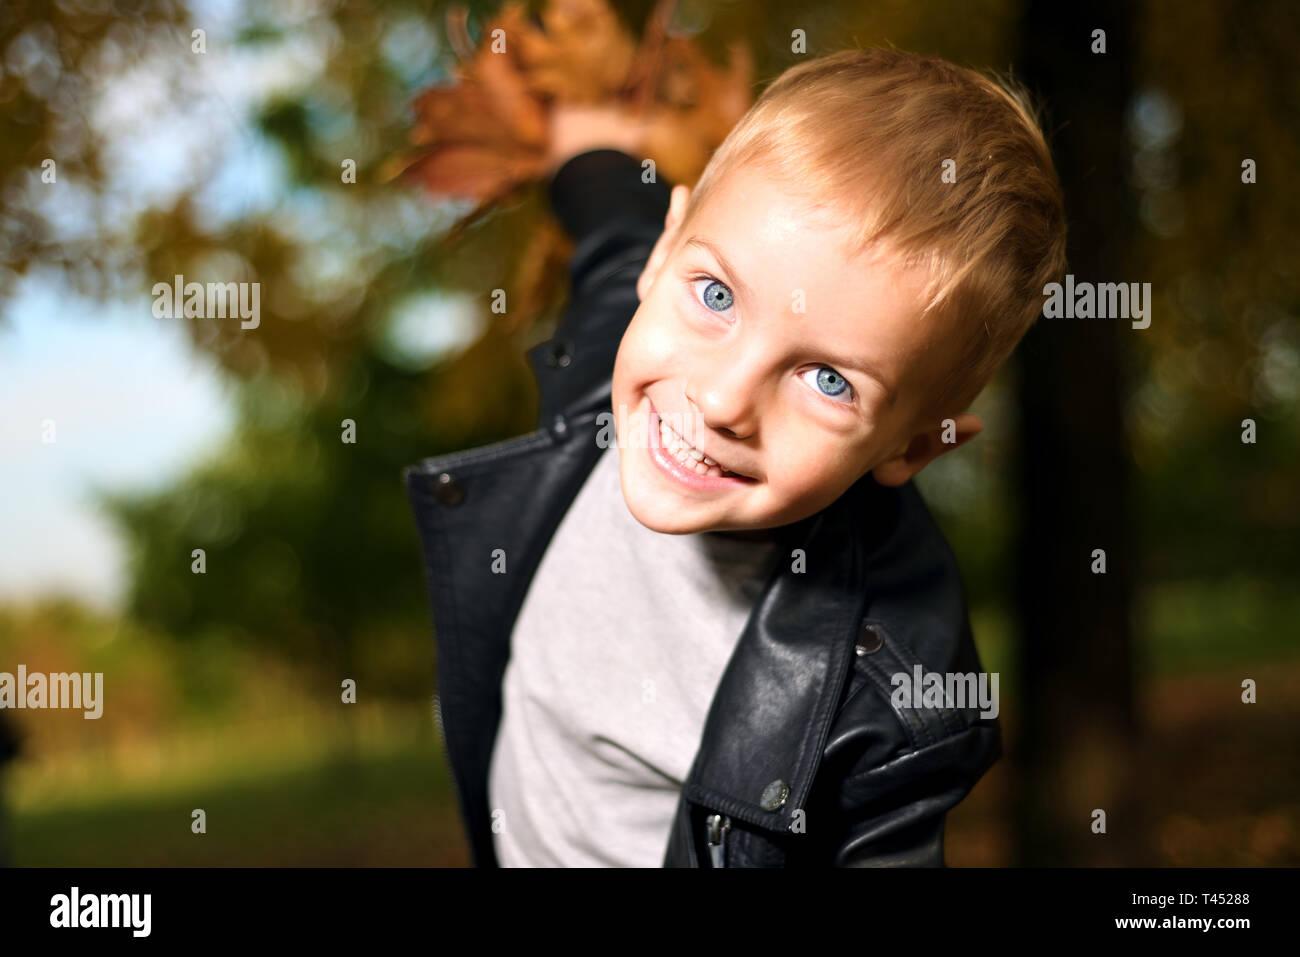 Funny portrait of little boy sly en veste en cuir noire saison d'automne. Banque D'Images